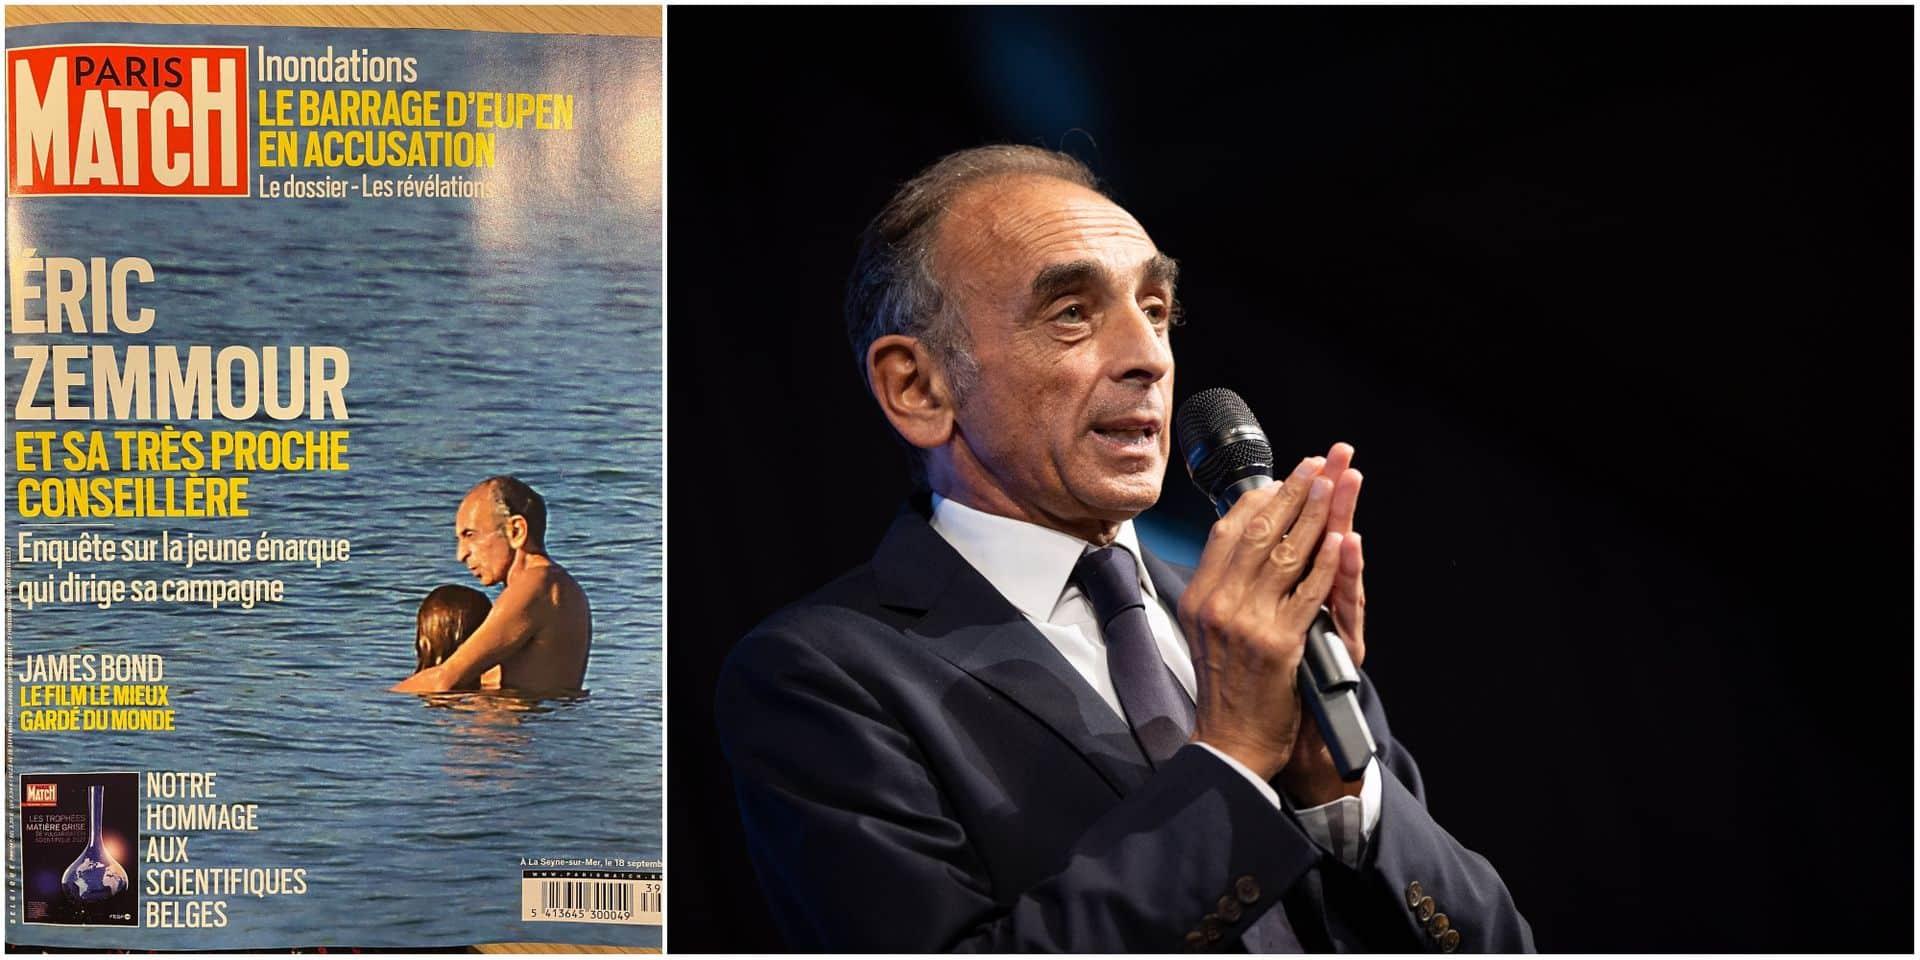 Paris Match provoque un tollé avec sa Une sur la vie privée d'Eric Zemmour, le polémiste réagit